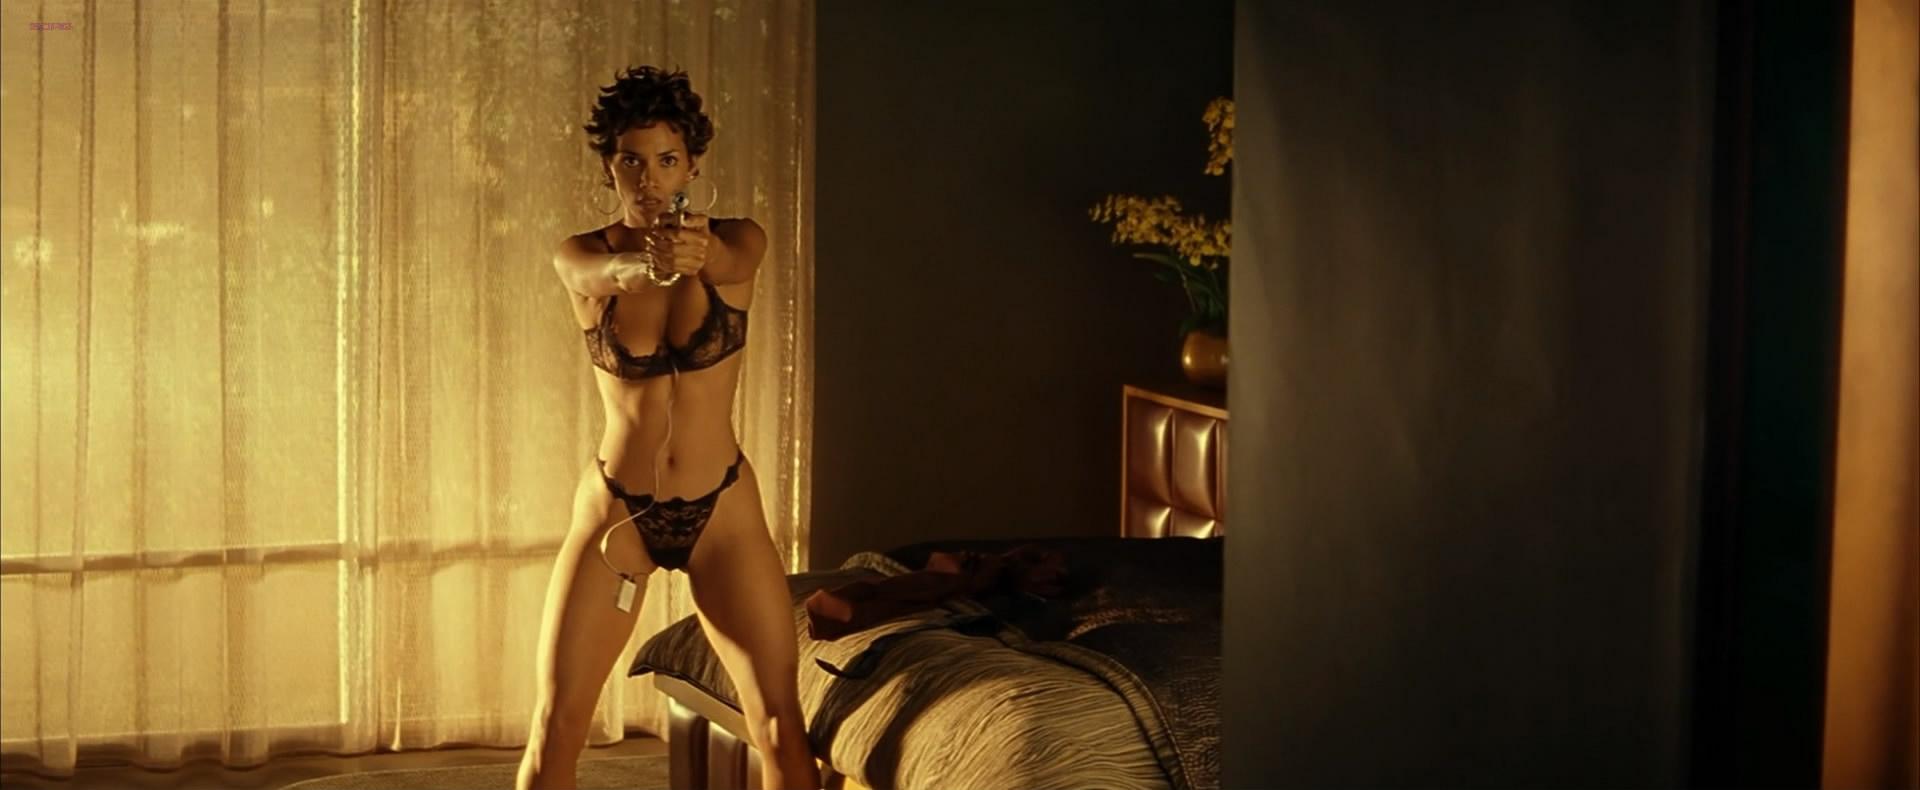 Halle Berry Nude Topless In - Swordfish 2001 Hd1080P-2979